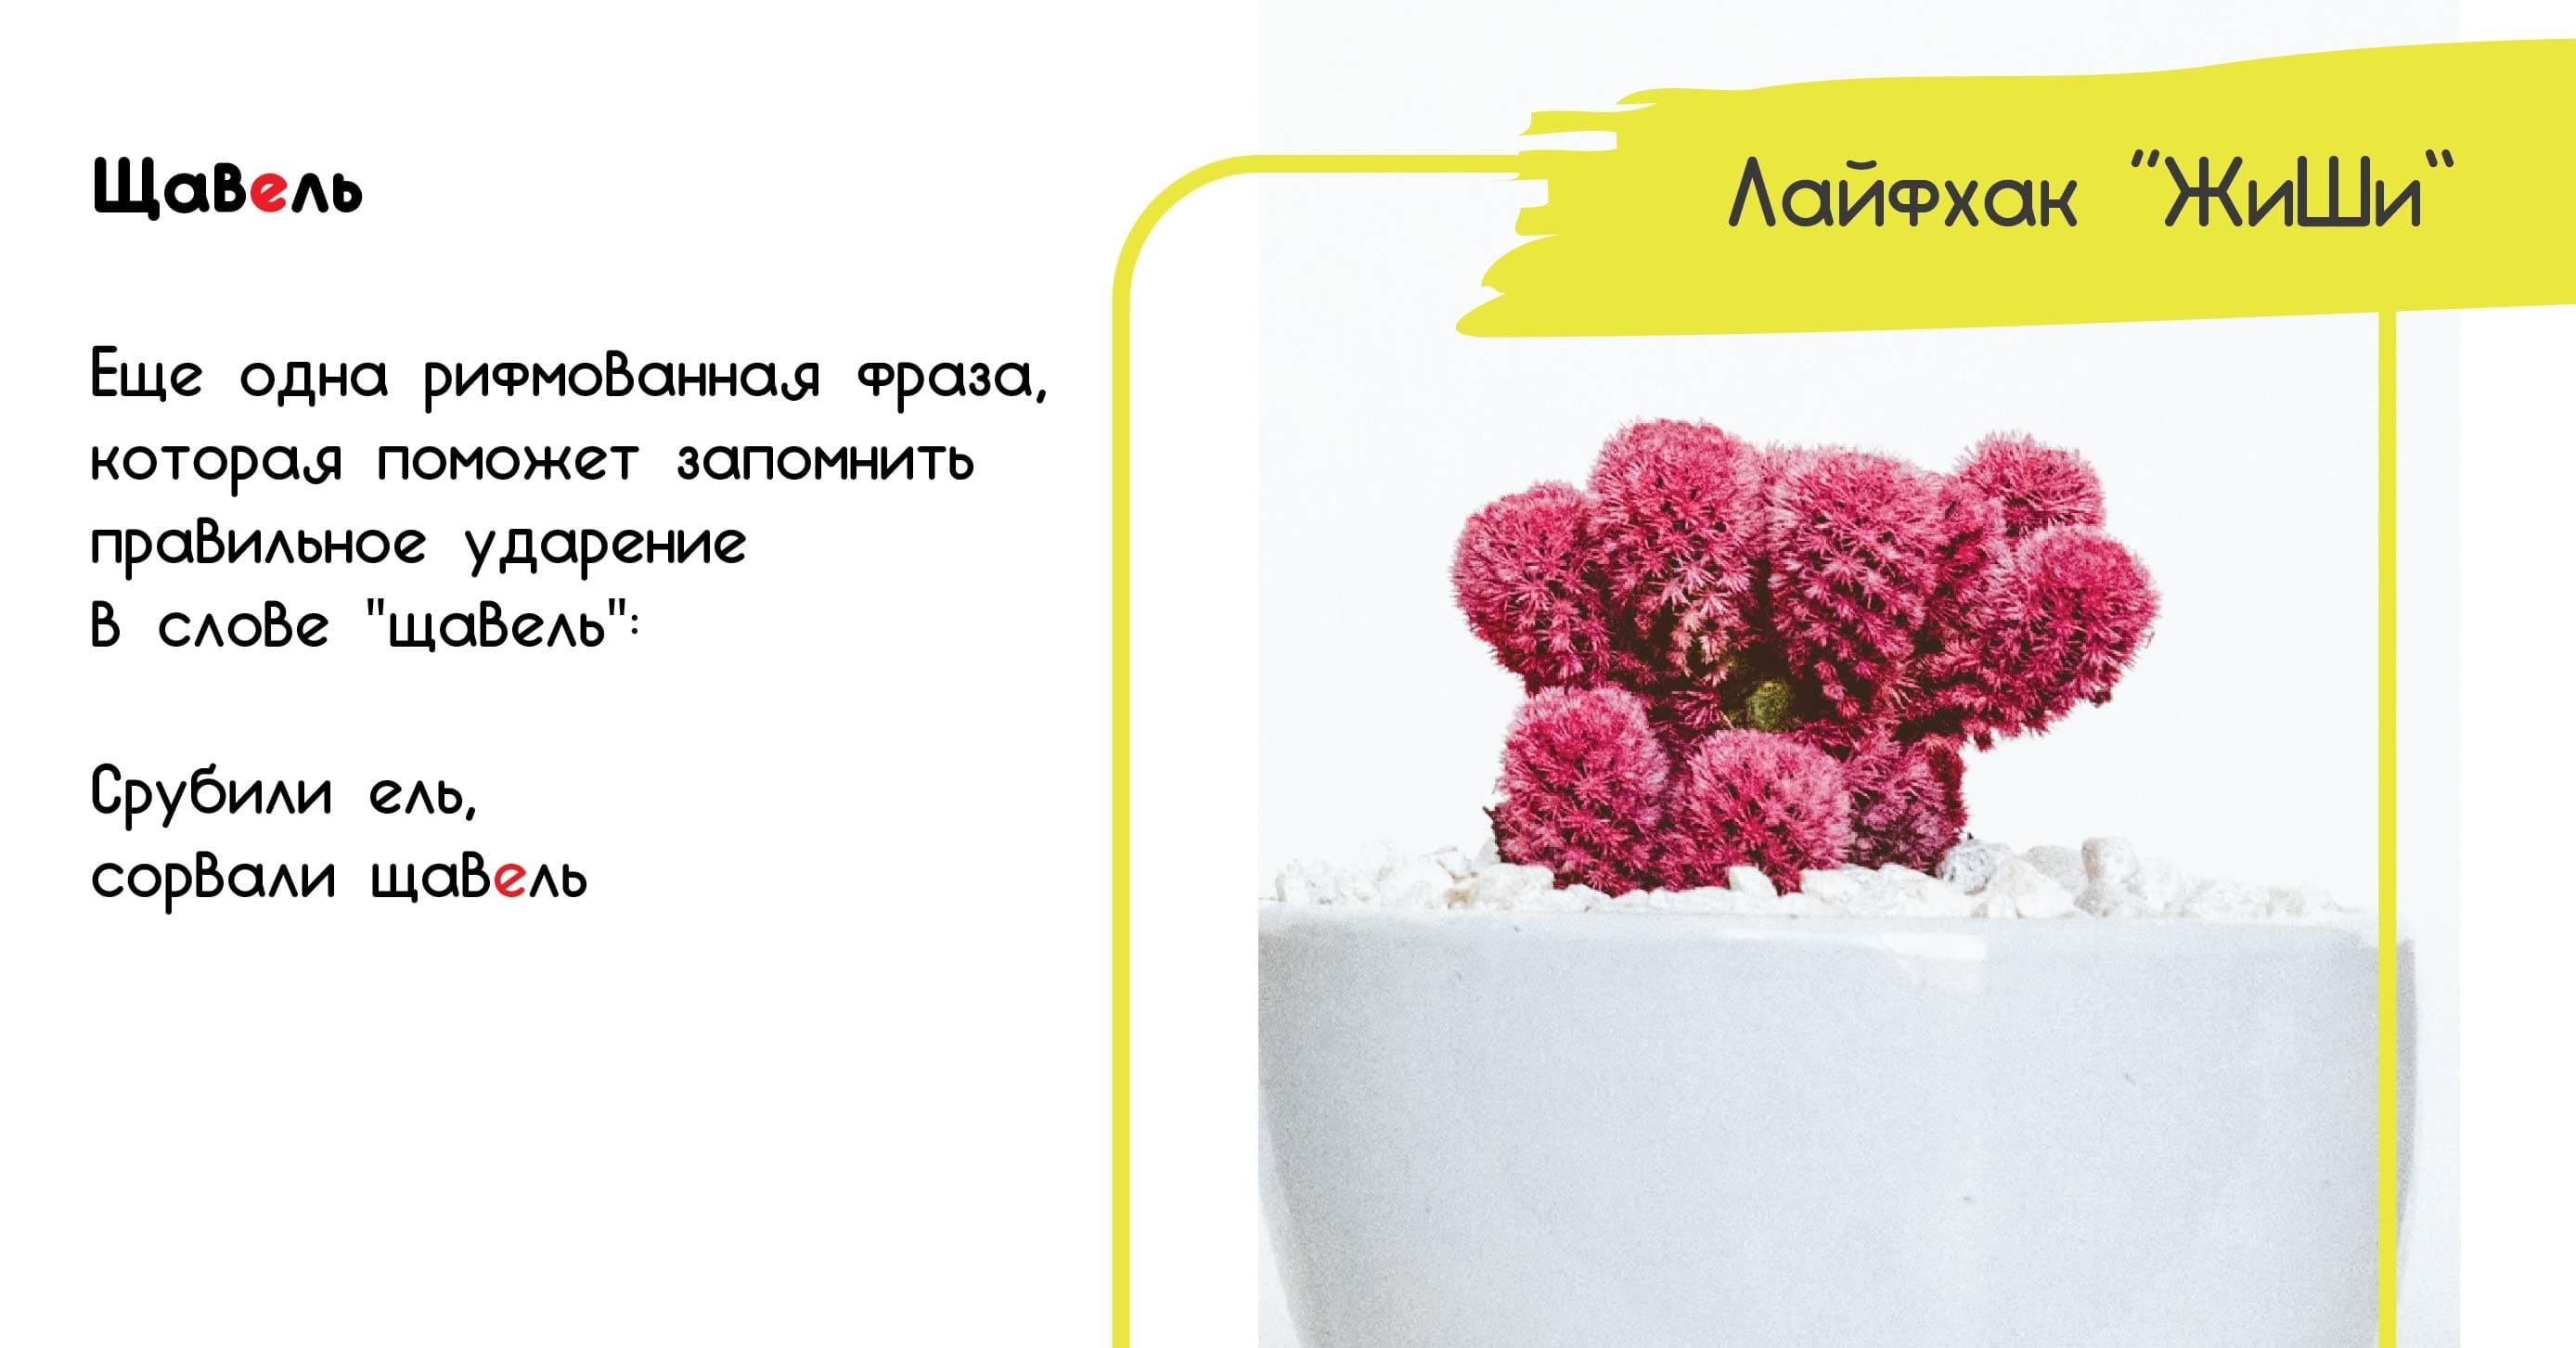 картинка правила русского языка ударение в слове щавель